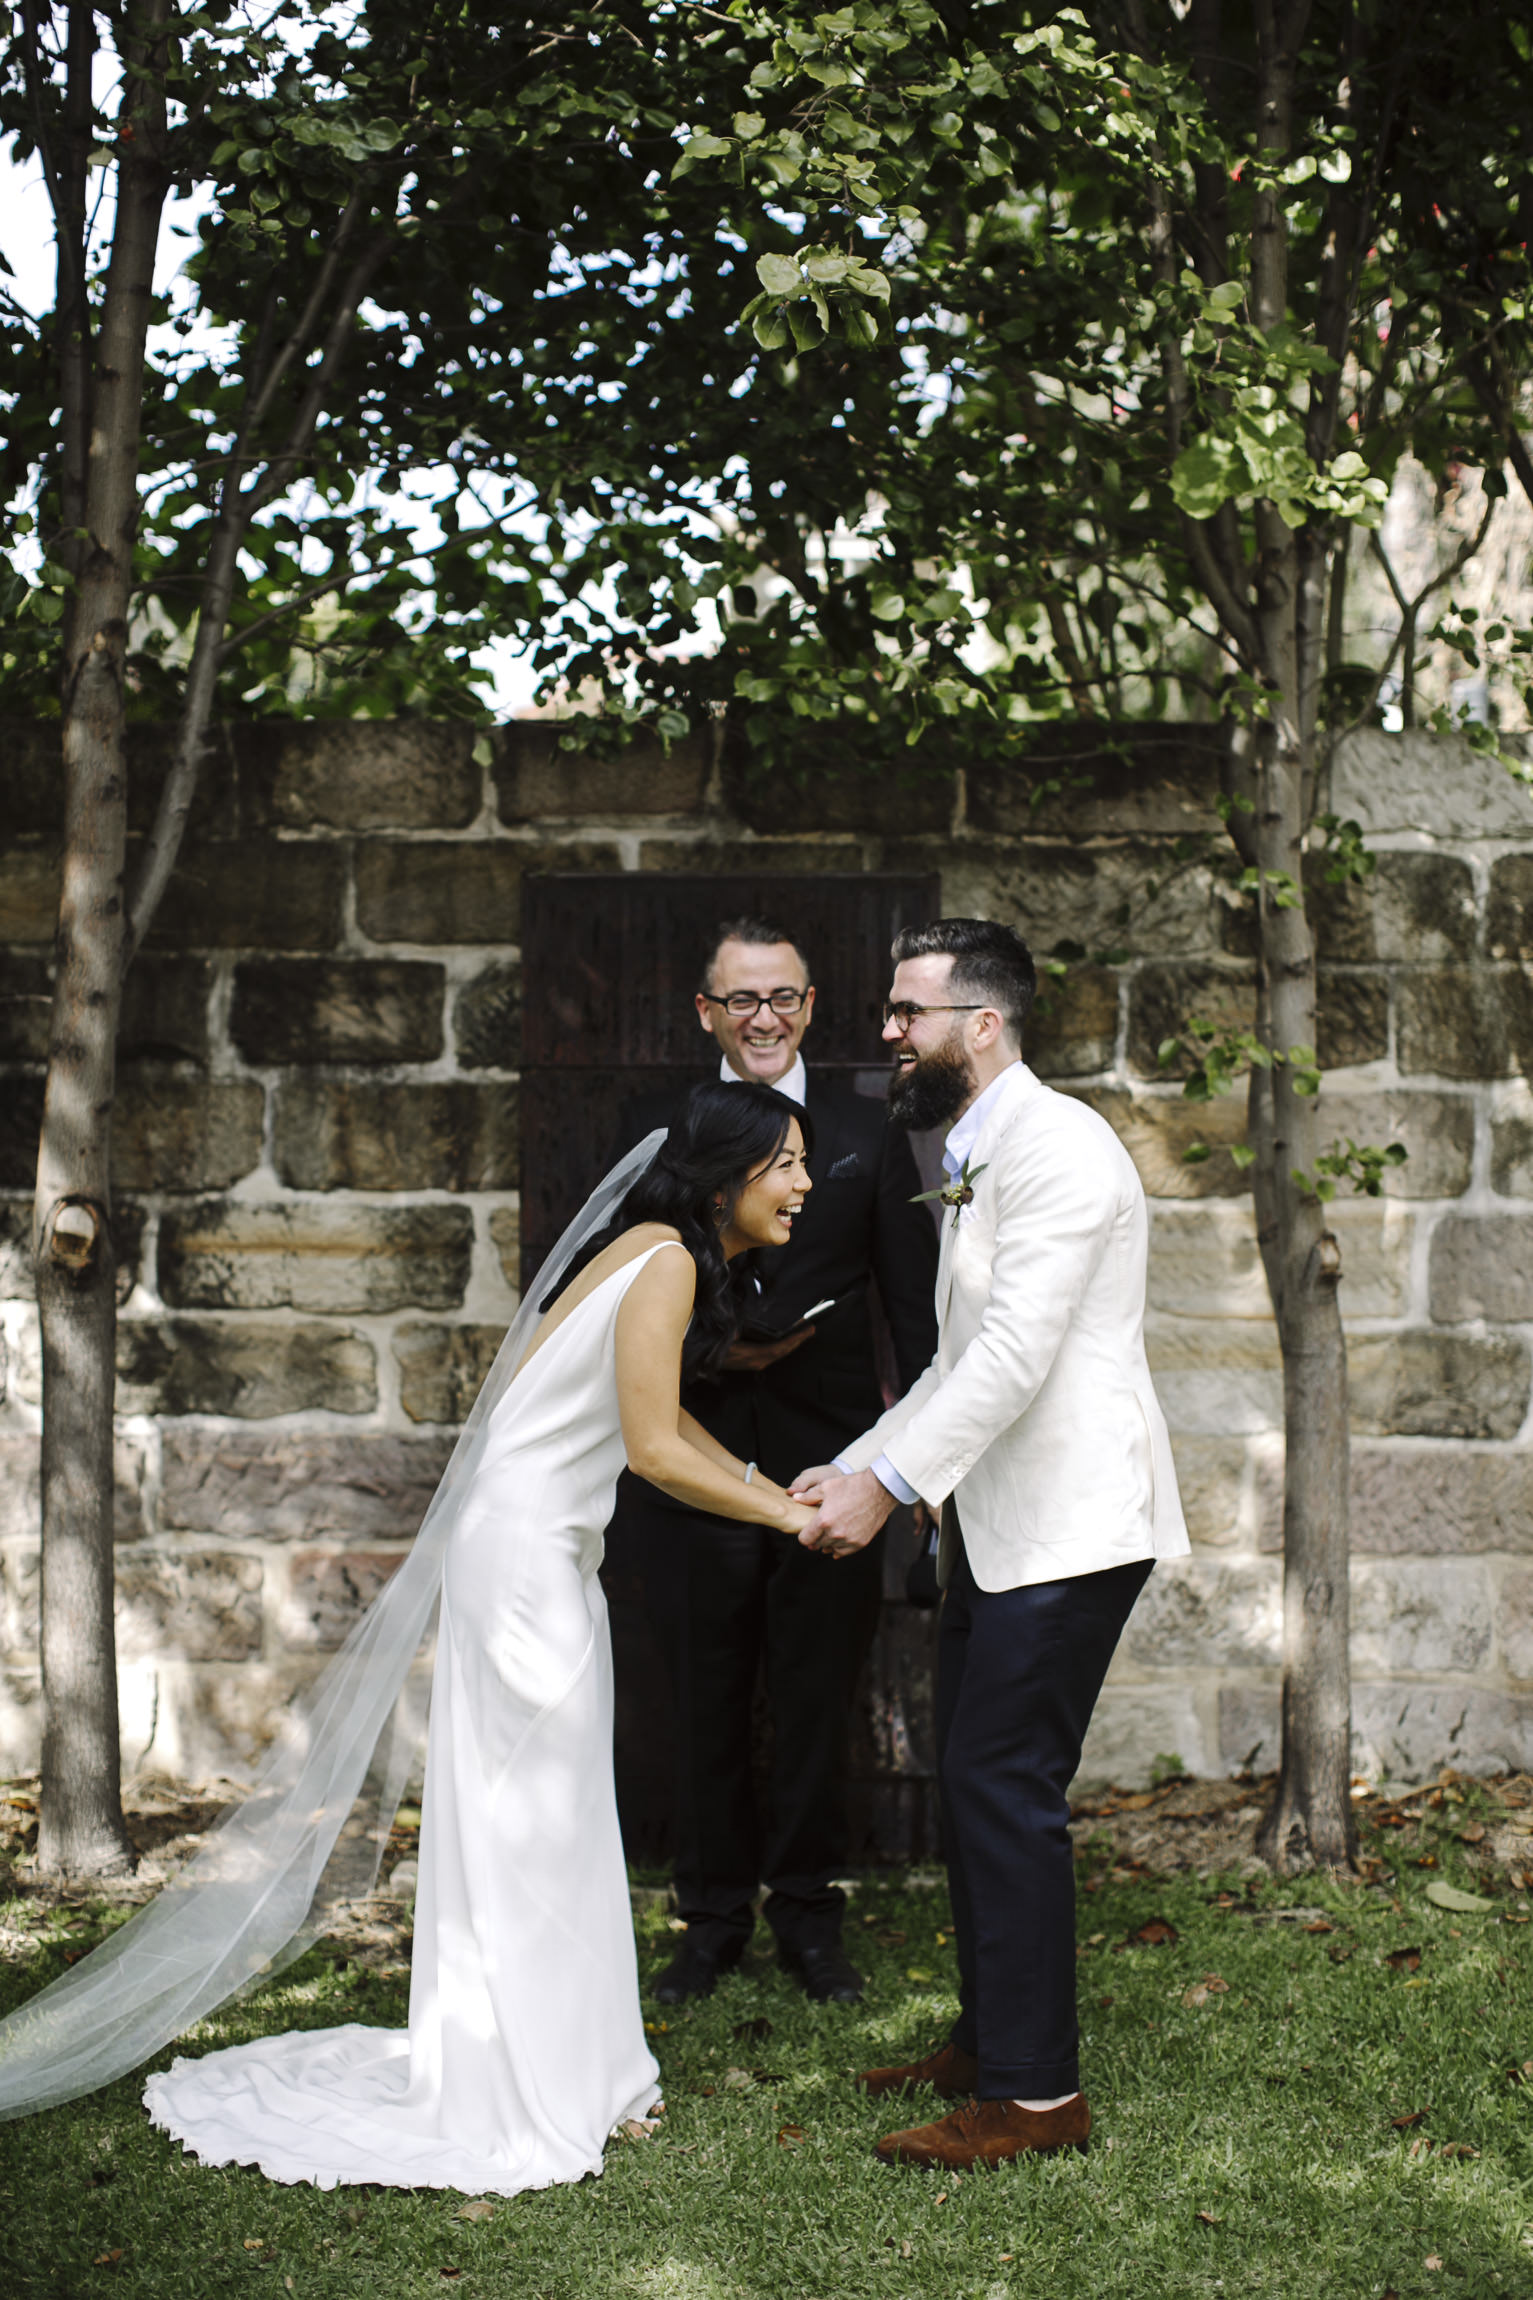 180420_justinaaron_wedding_yang_ben_h-092.jpg